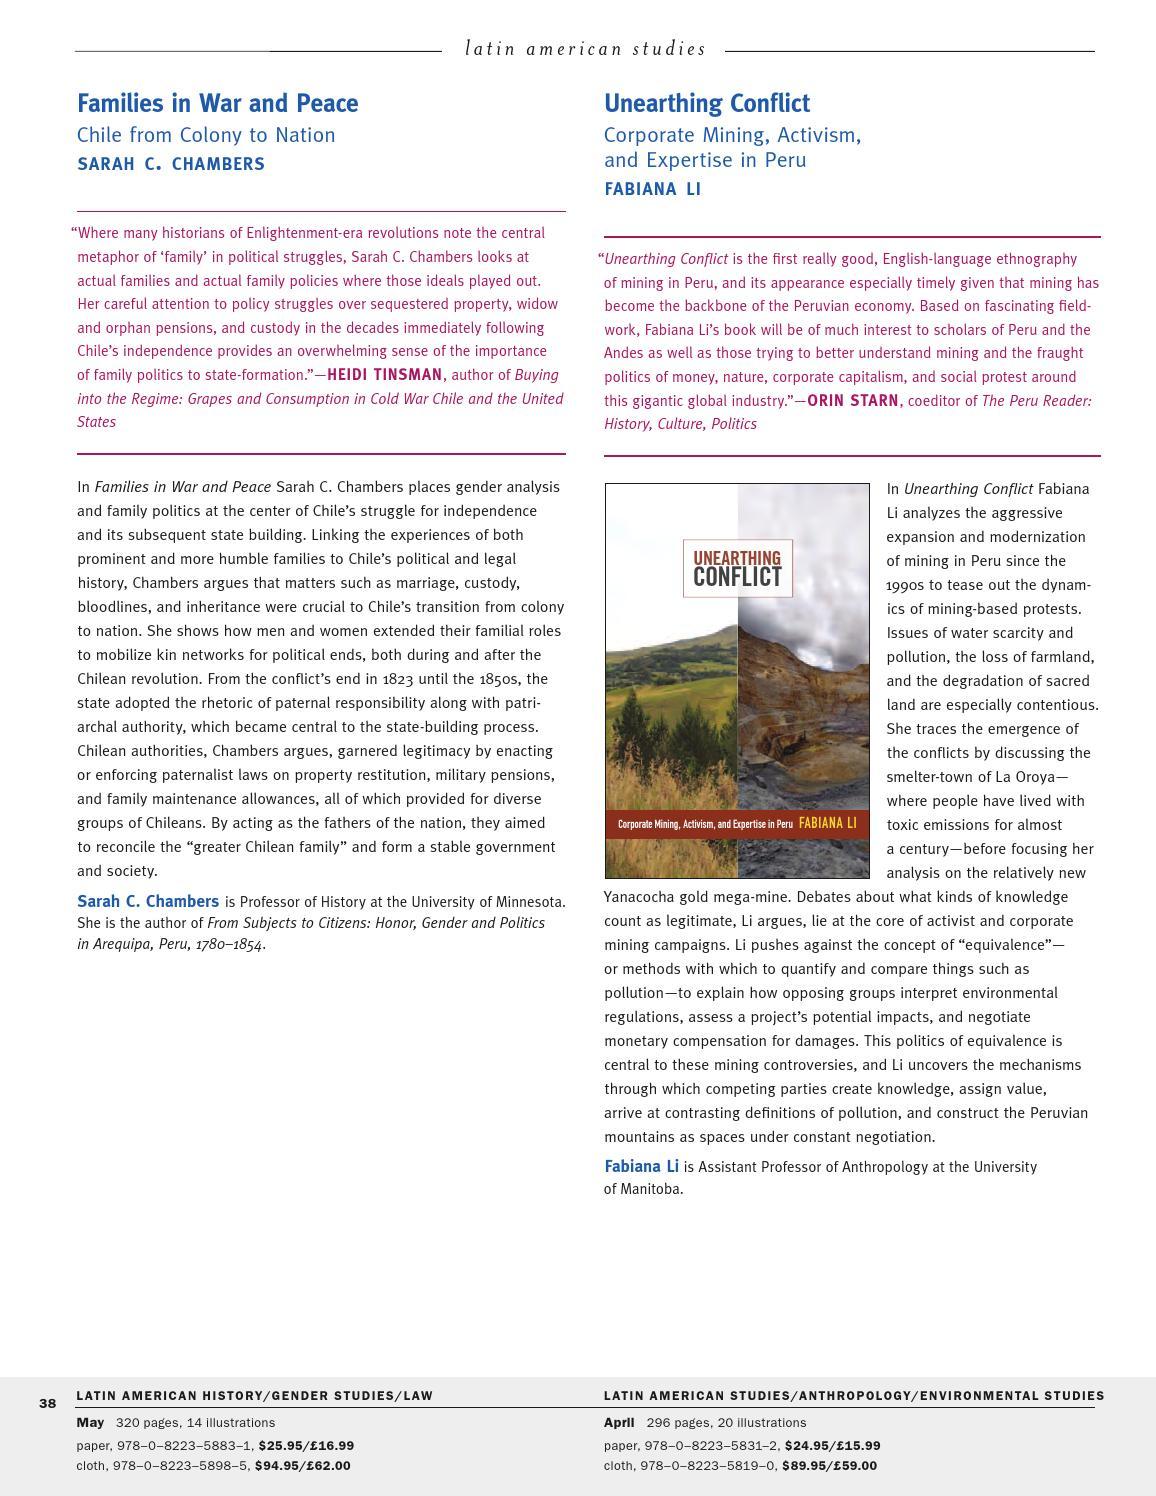 Duke University Press Spring & Summer 2015 Catalog by Duke University Press  - issuu